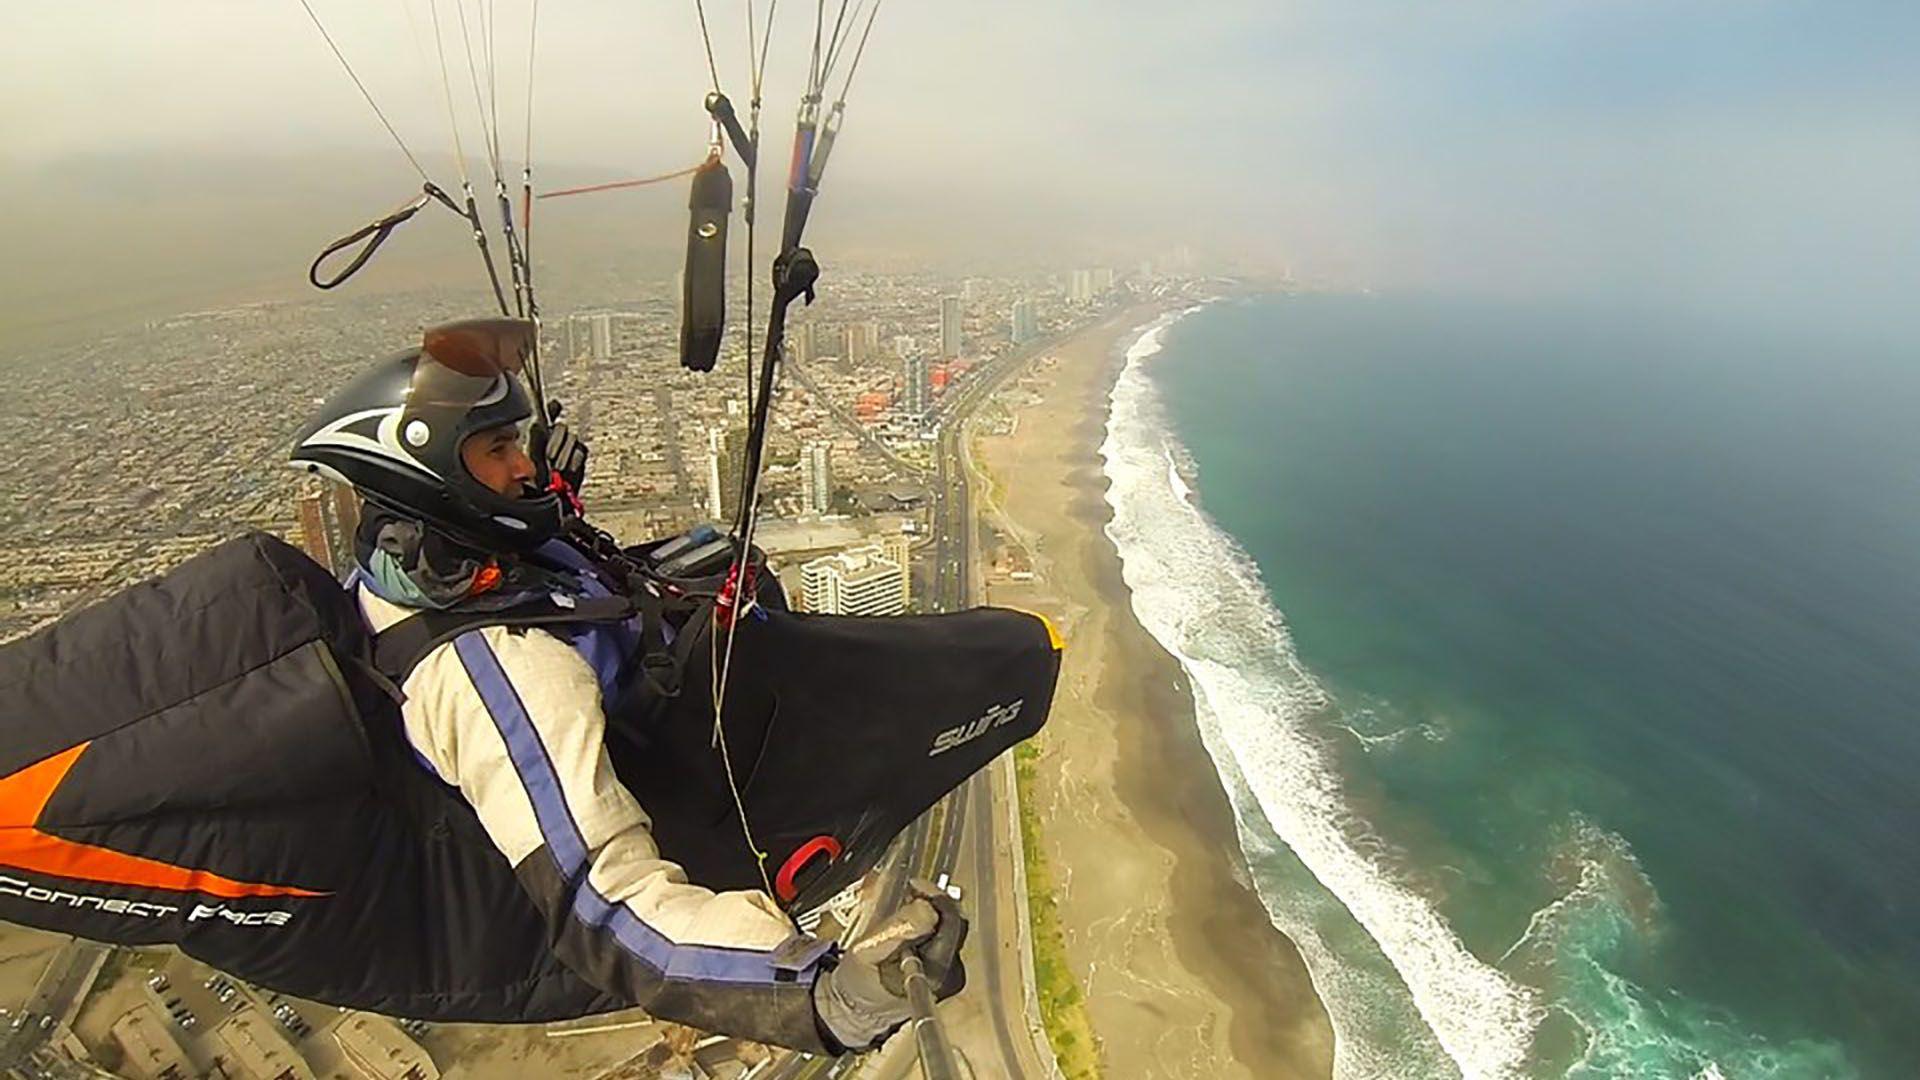 Kegalj, durante uno de sus vuelos en parapente (Facebook)